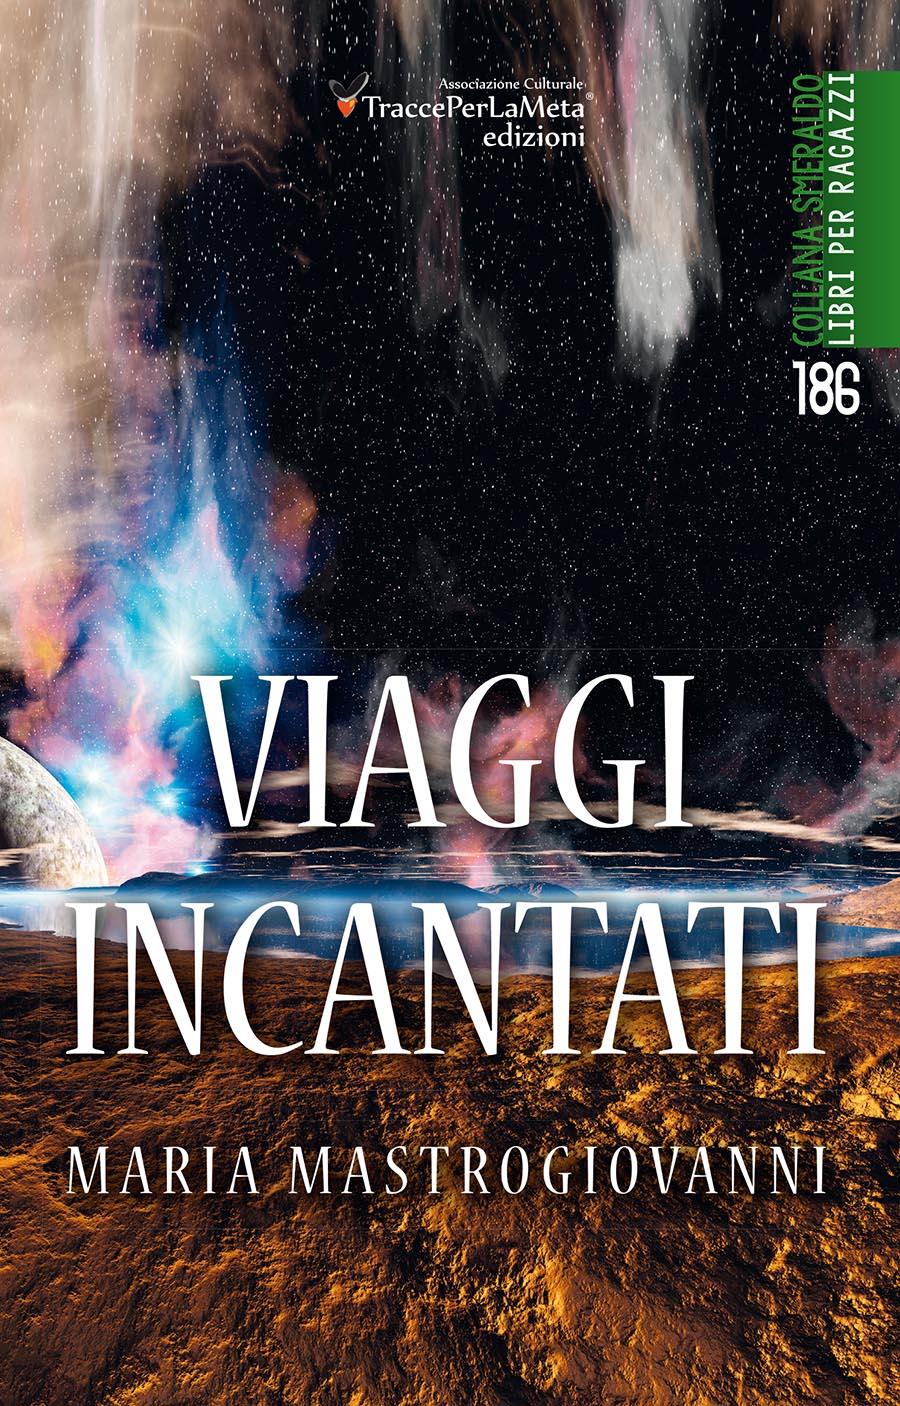 """Storie fantastiche per ragazzi; in ebook """"Viaggi incantati"""" di Maria Mastrogiovanni"""